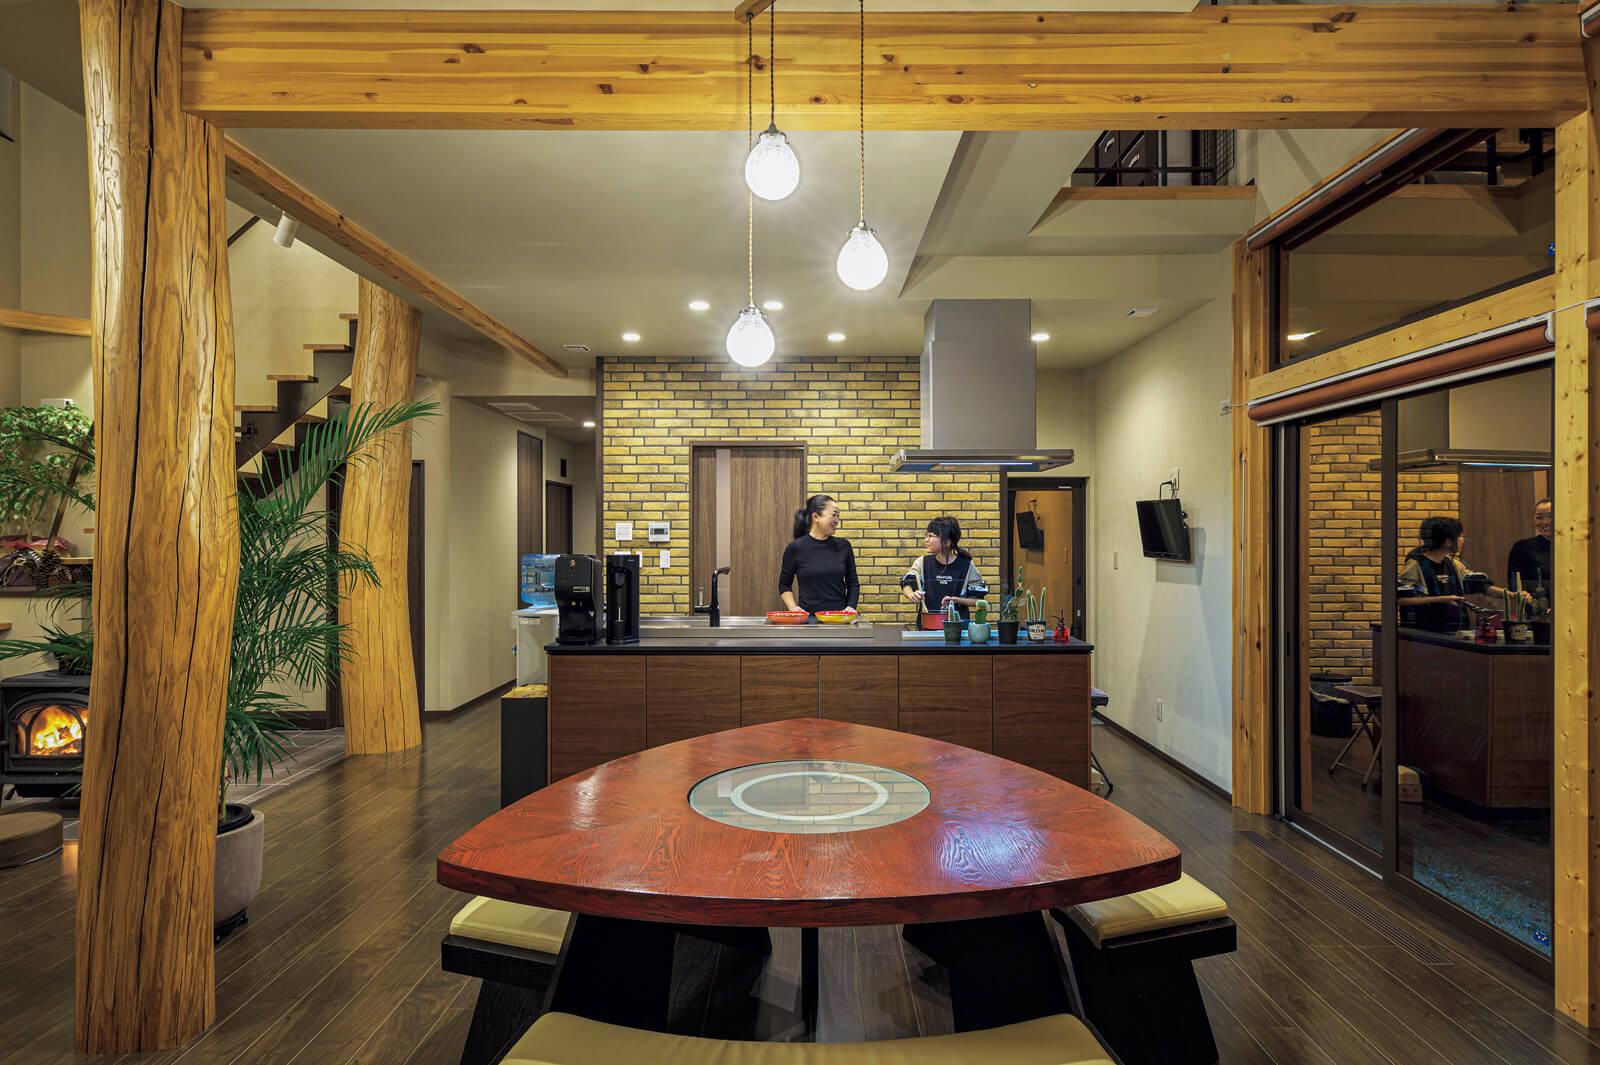 キッチン壁は外壁材を用いて重厚感を演出。天然木仕上げのシステムキッチンがナチュラルでラグジュアリーな雰囲気に似合う。後ろには、食品庫を設けているので家事導線も便利で使いやすい